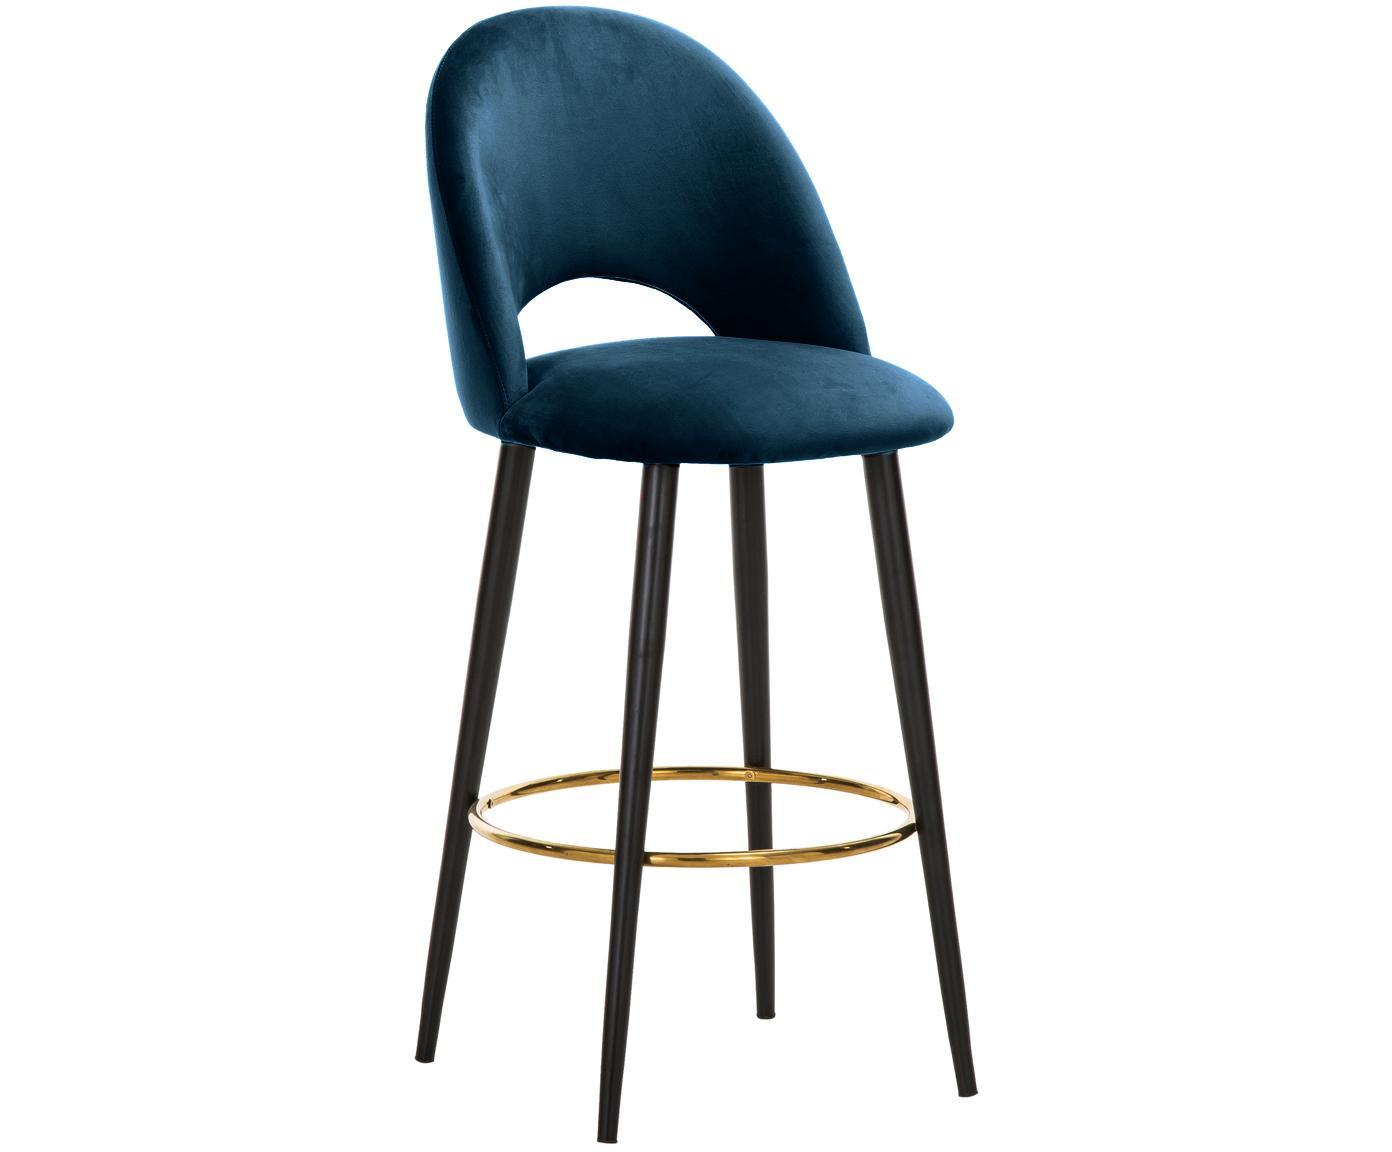 Sedia da bar in velluto Rachel, Rivestimento: velluto (poliestere) 50.0, Gambe: metallo verniciato a polv, Velluto blu scuro, Larg. 48 x Alt. 110 cm